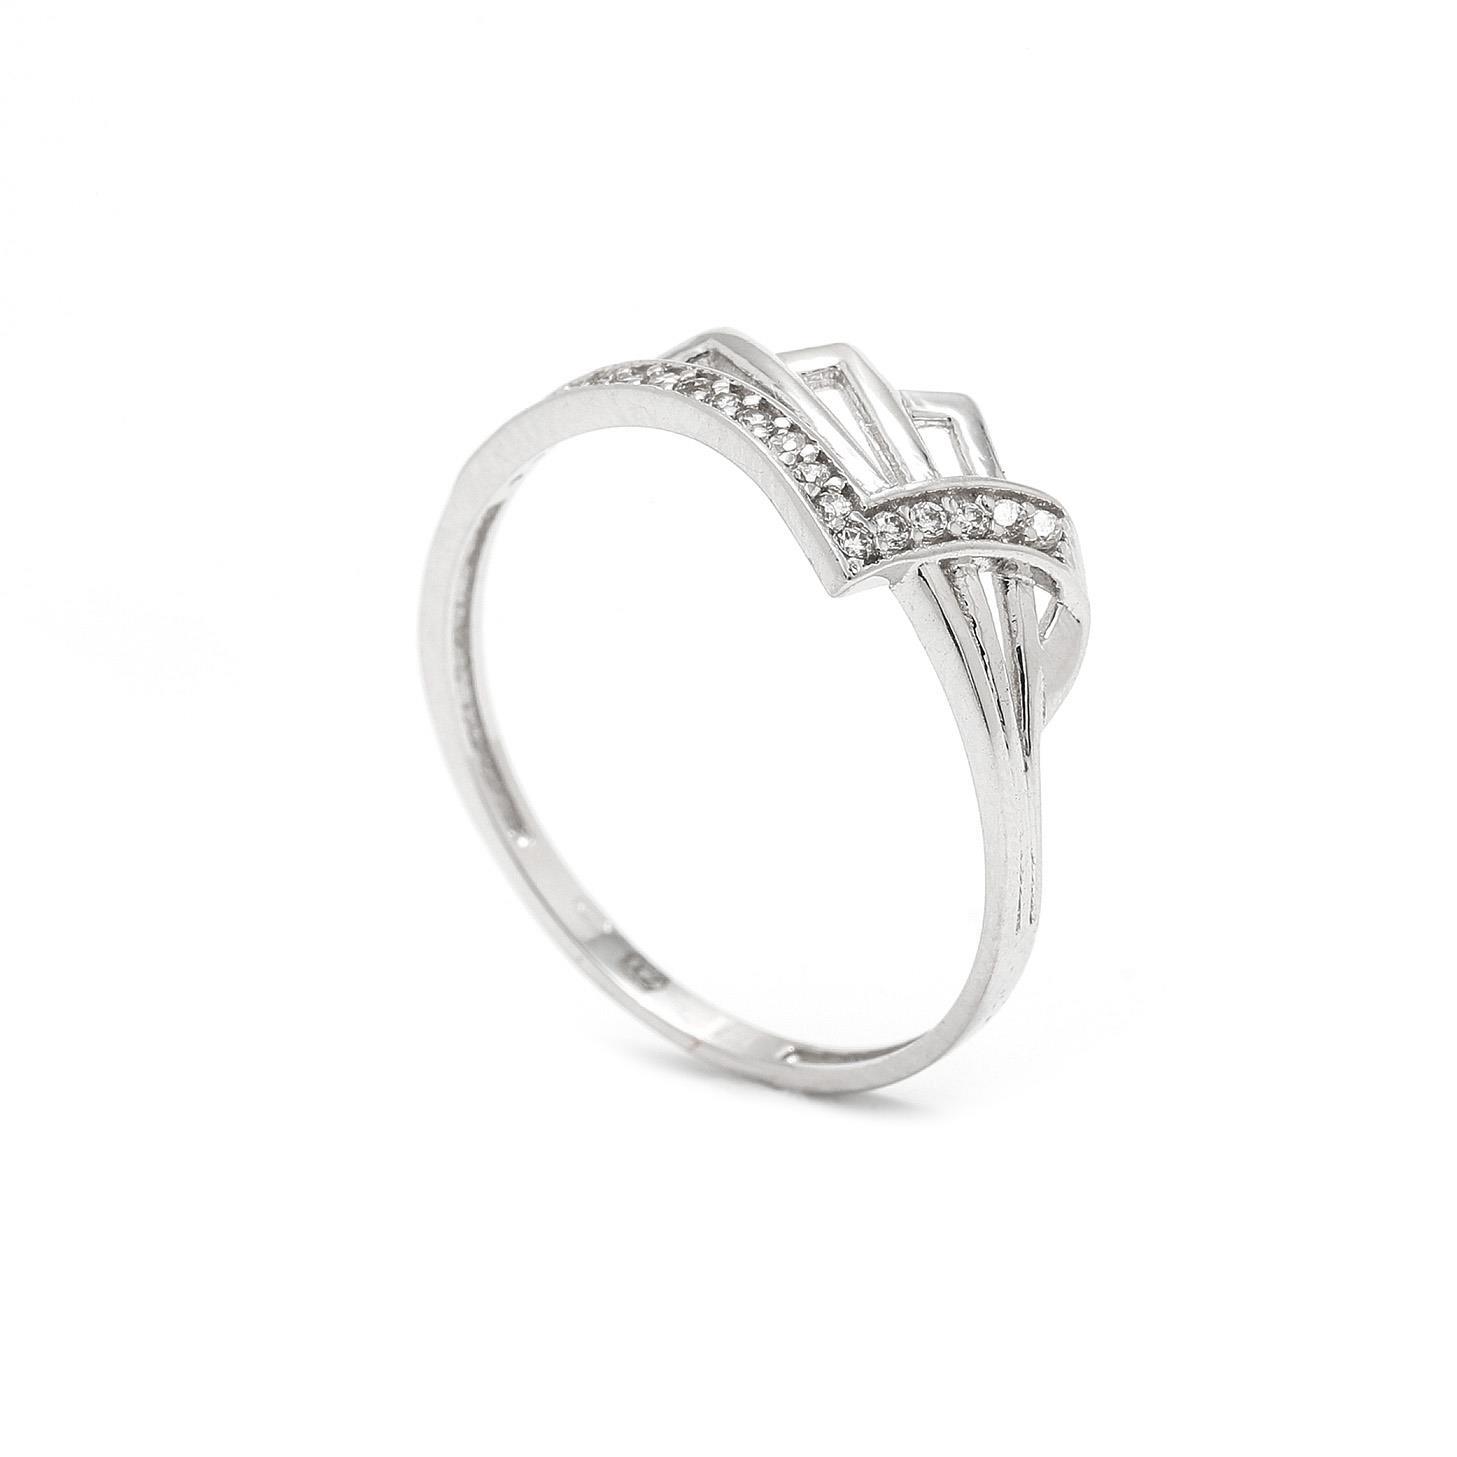 Zlatý dámsky prsteň CAROLIEN white 7PB00331